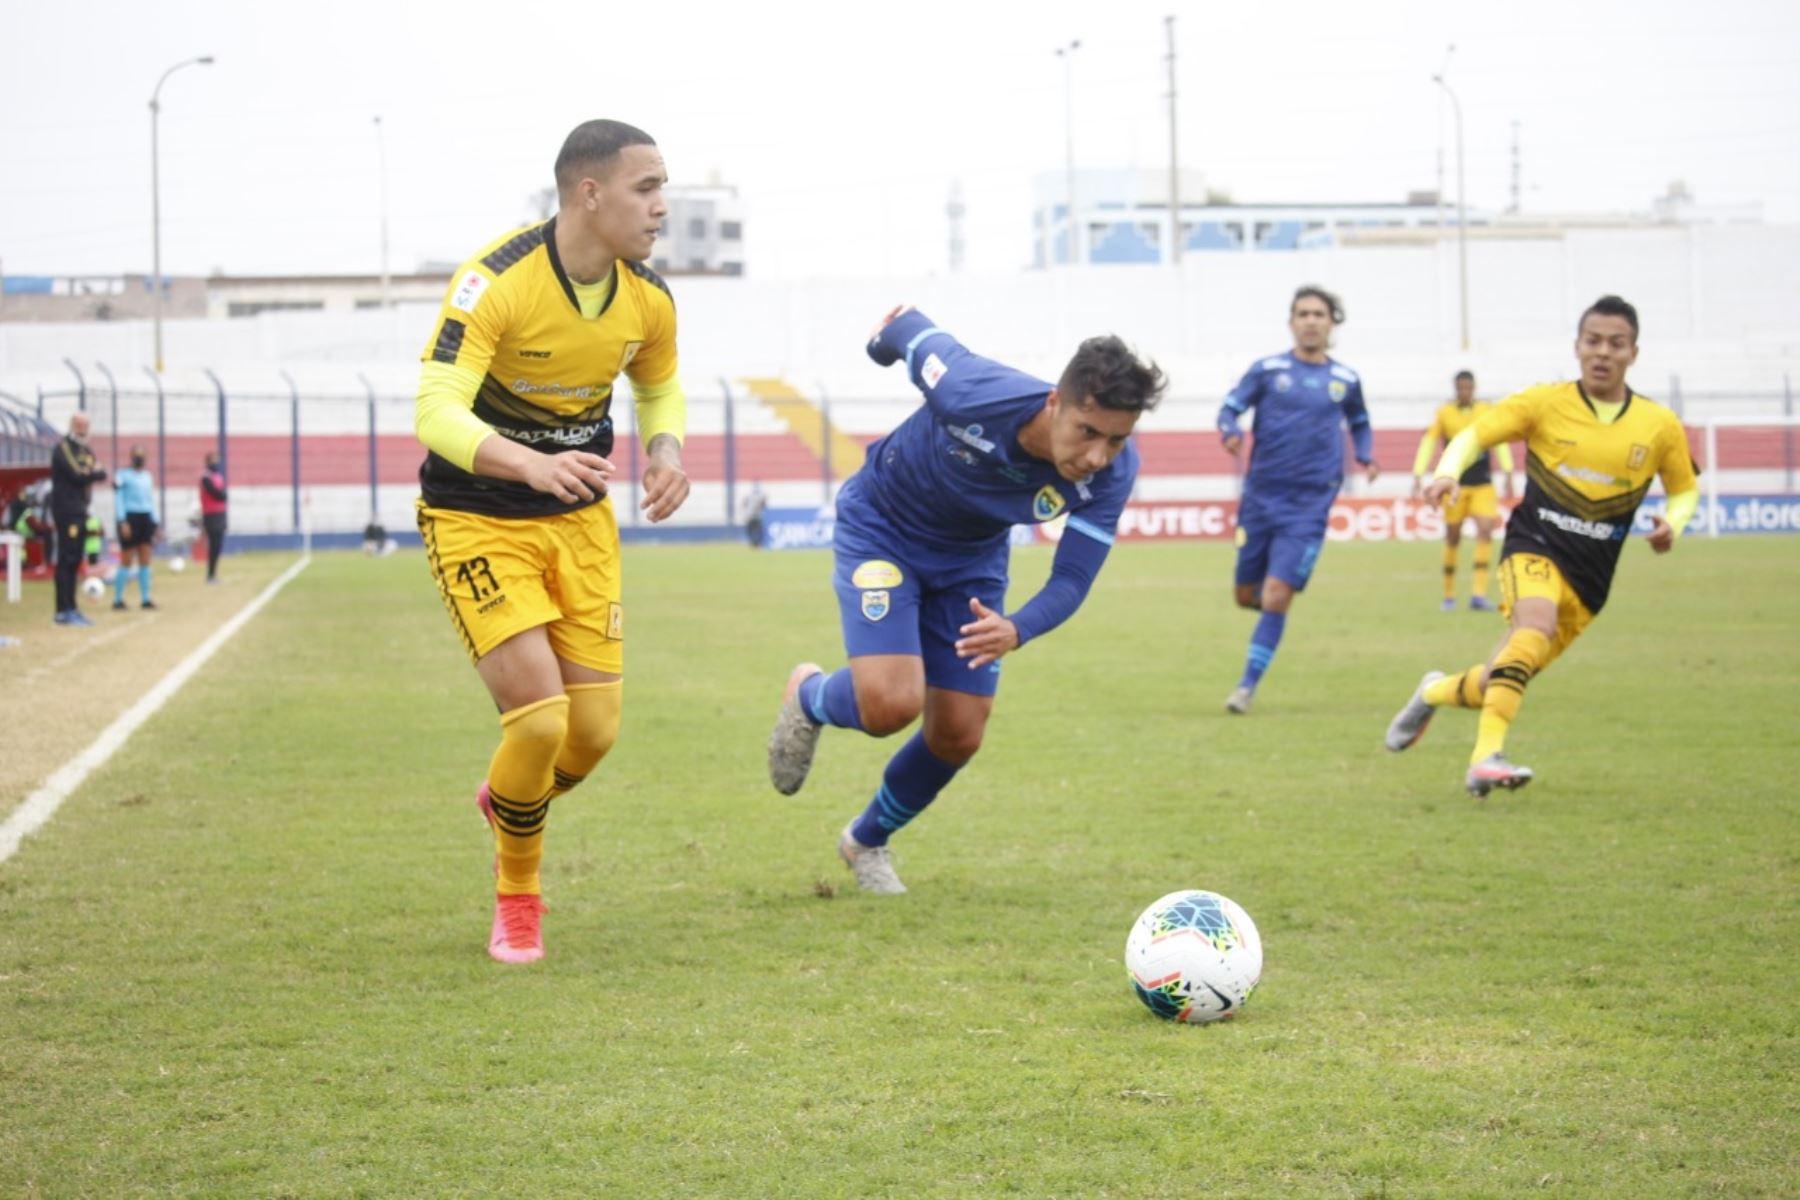 El futbolista C. Barco del Cantolao disputa el balón frente su rival de Carlos Stein por la fecha 15 de la Liga 1, en el estadio Iván Elías Moreno. Foto: @LigaFutProf